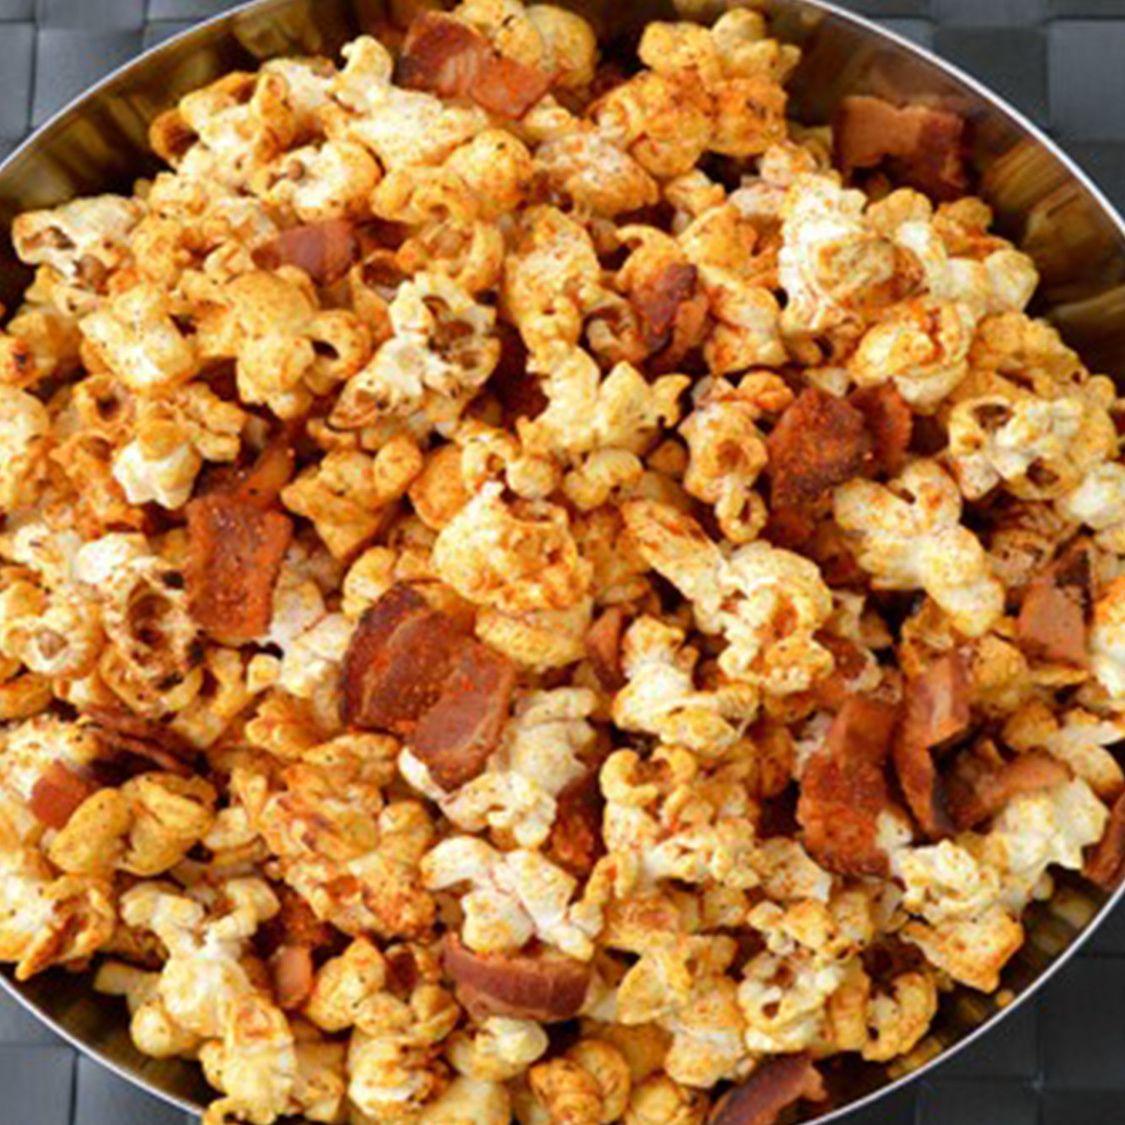 stubbs_spiced_bacon_kettle_corn.jpg